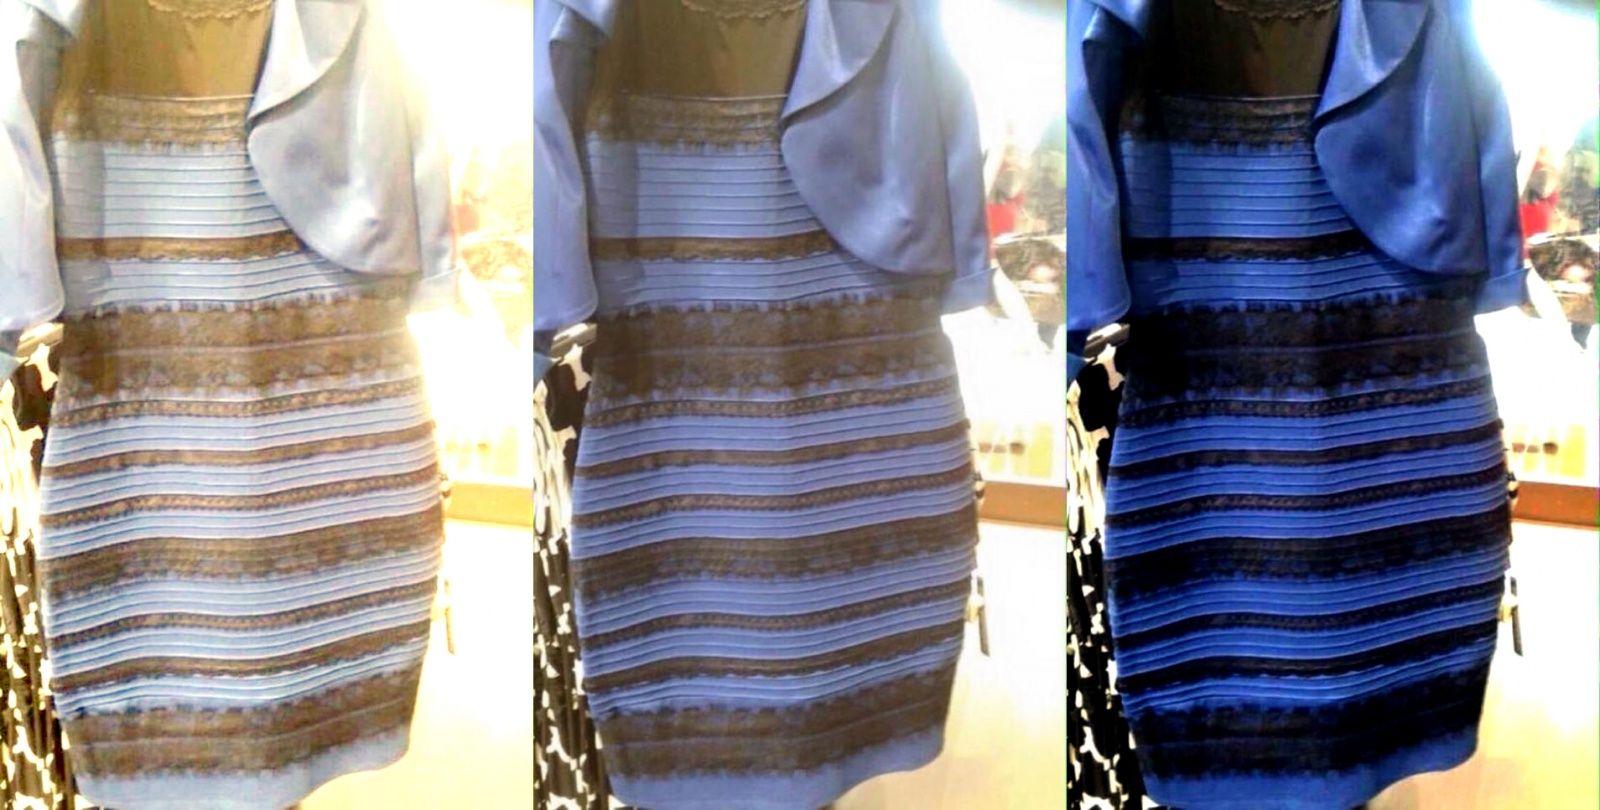 Vois-tu les mêmes couleurs?